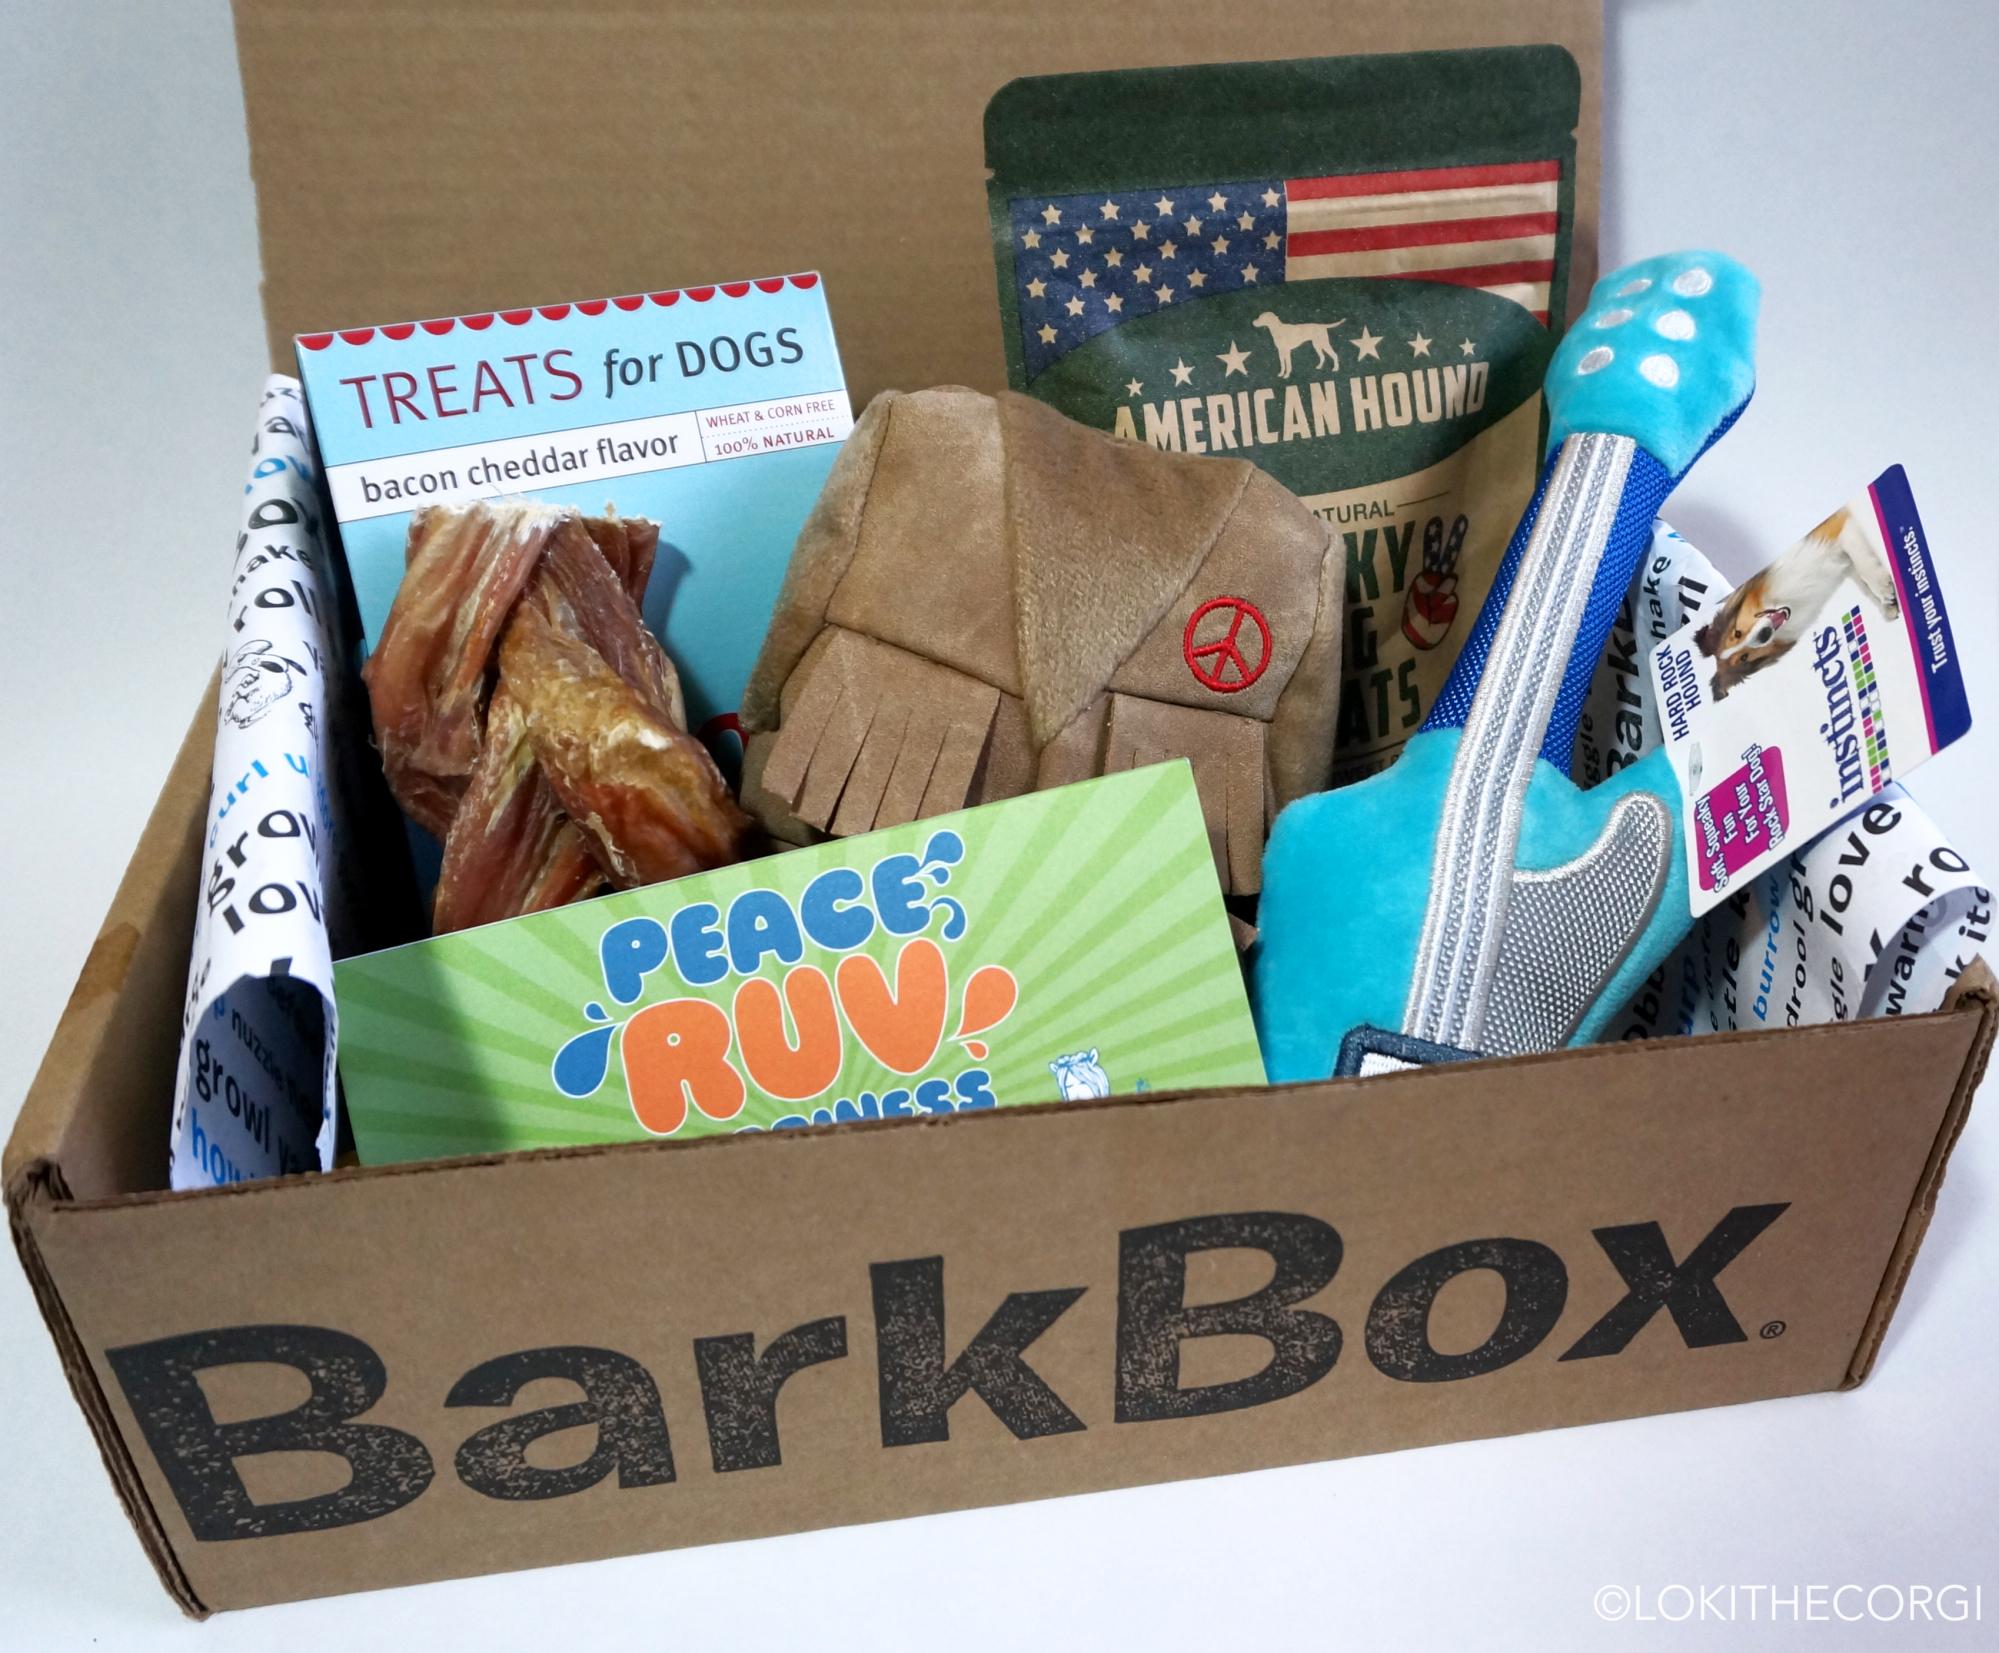 Barkbox3.jpg